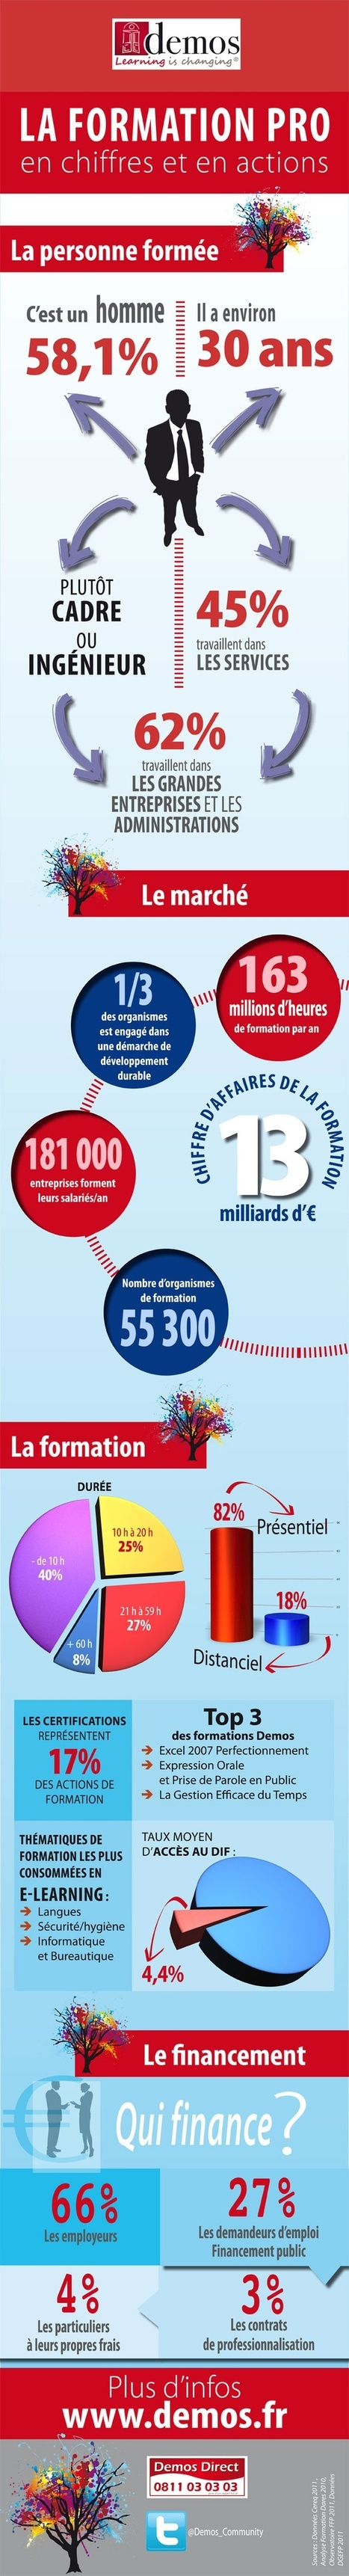 La Formation Pro en chiffres et en actions [Infographie] | Time to Learn | Scoop.it